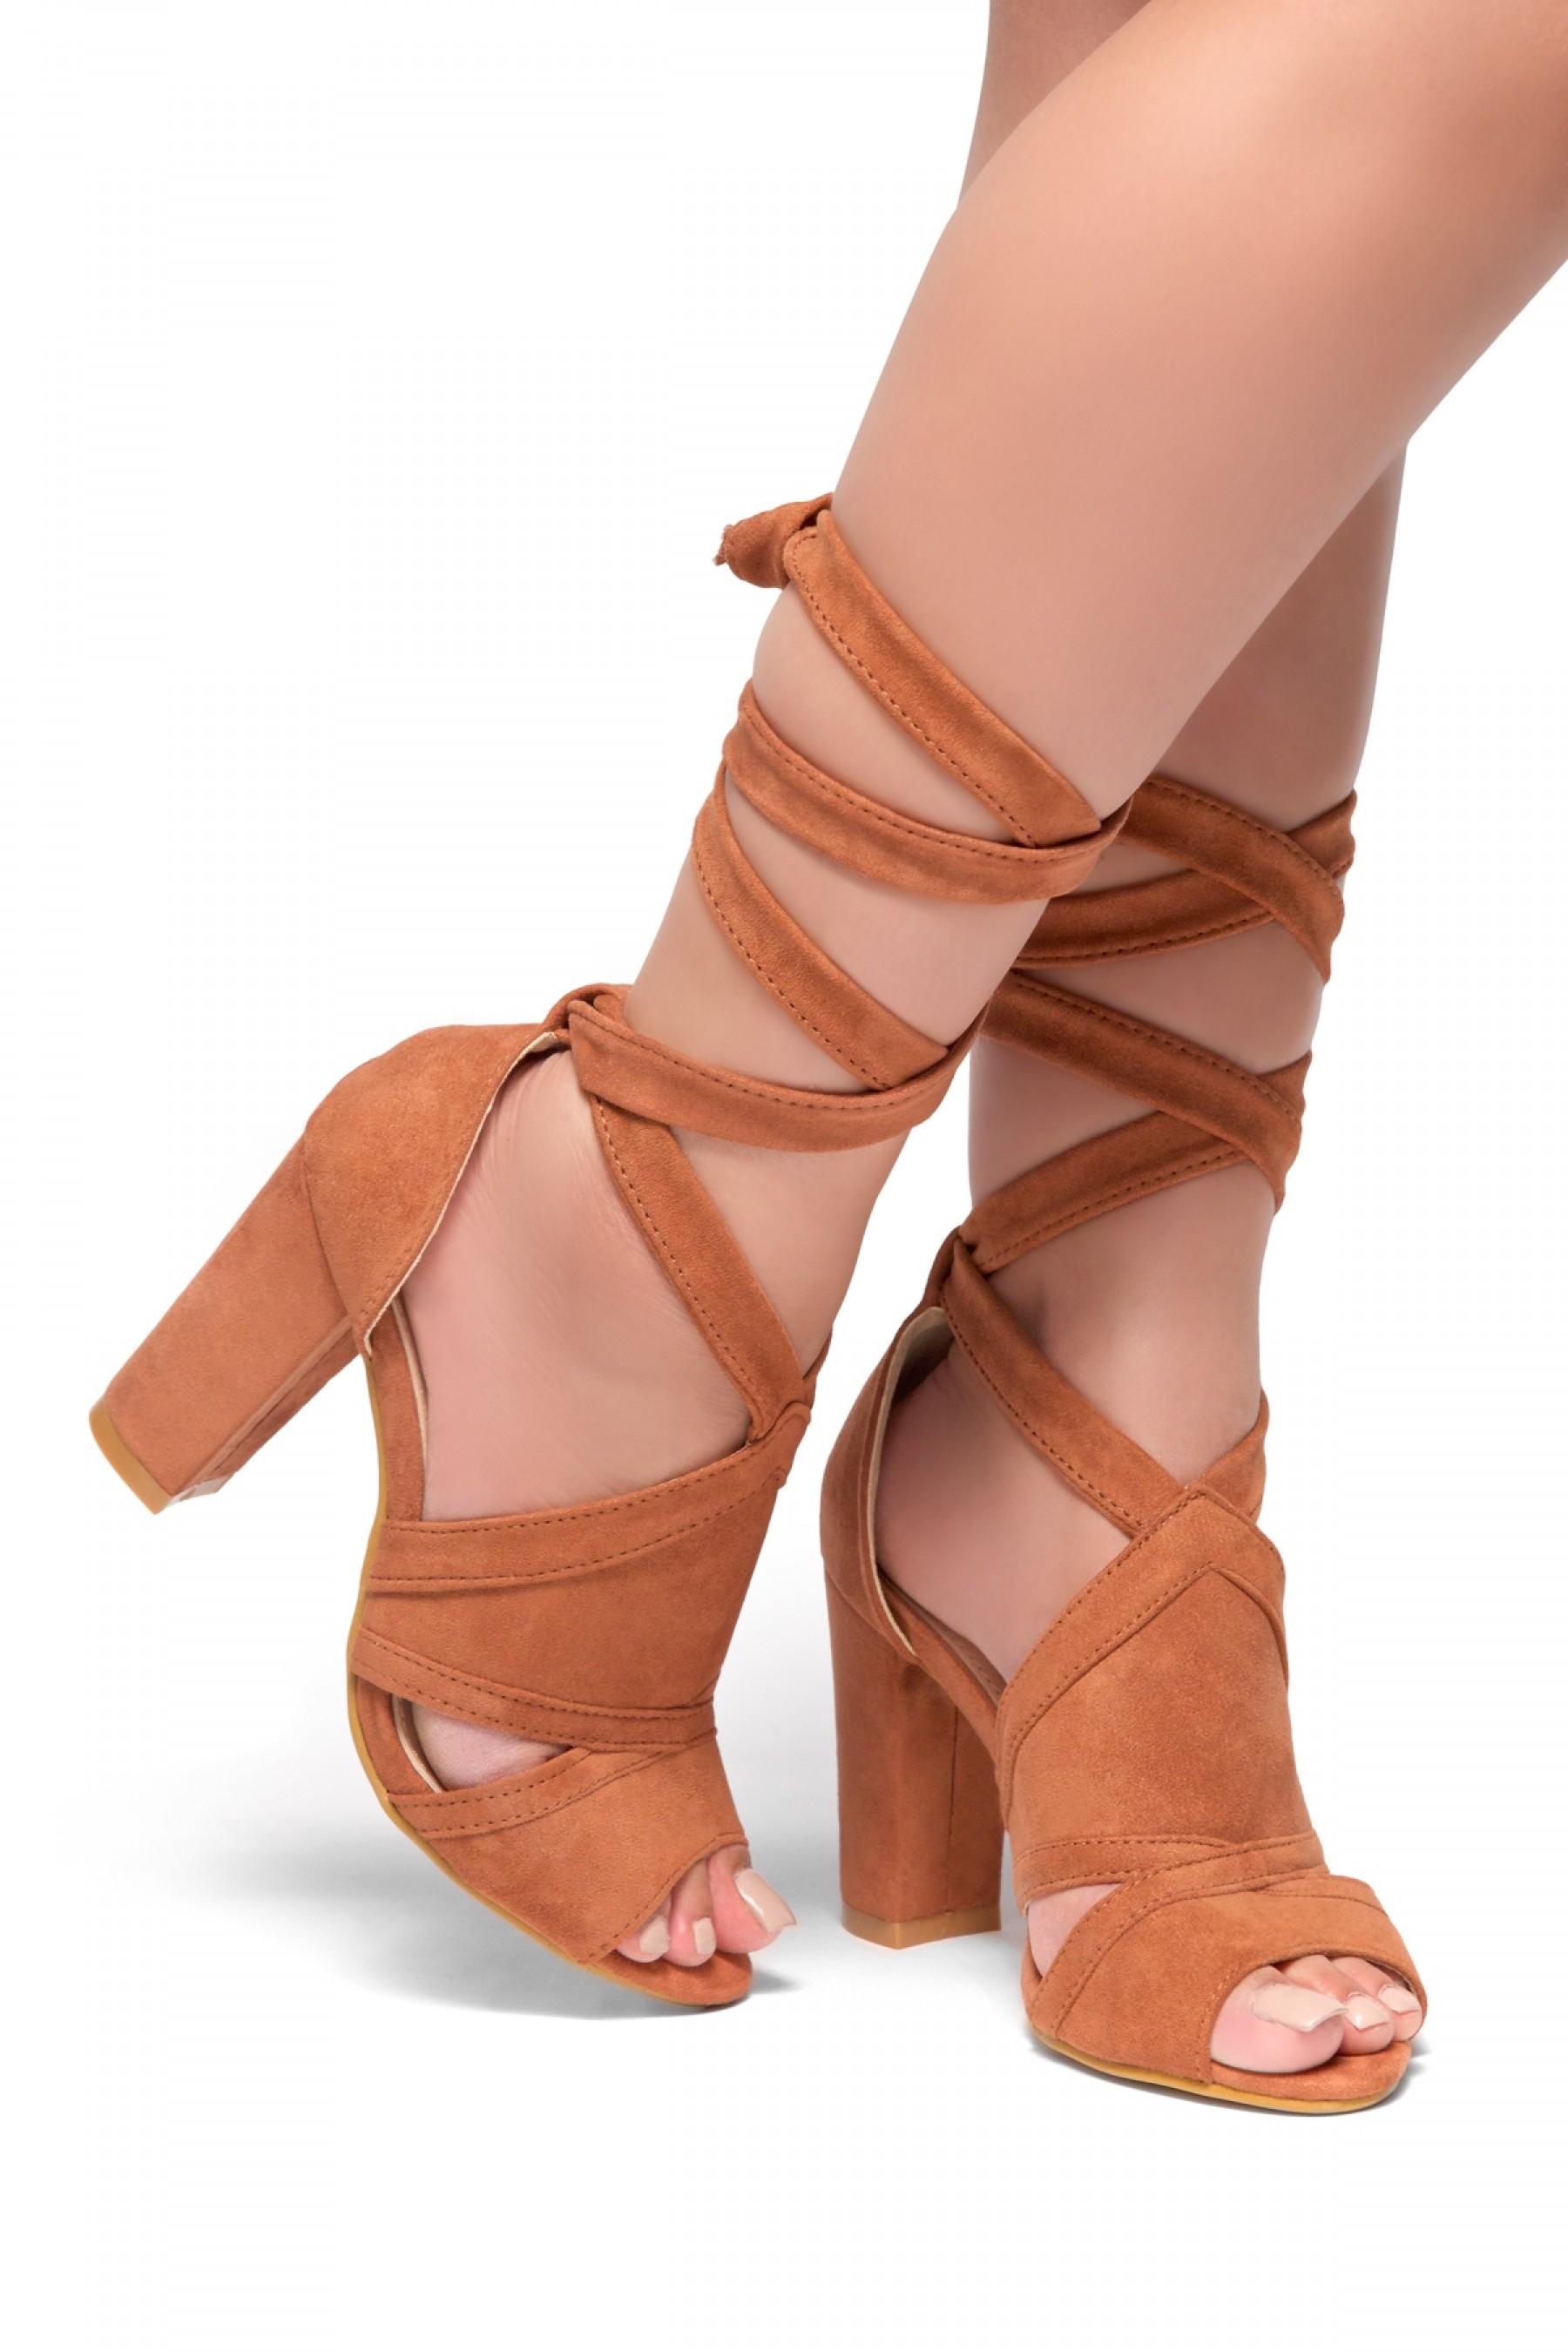 HerStyle - SL-Joyce-Chunky heel, ankle lace-up (Mauve)